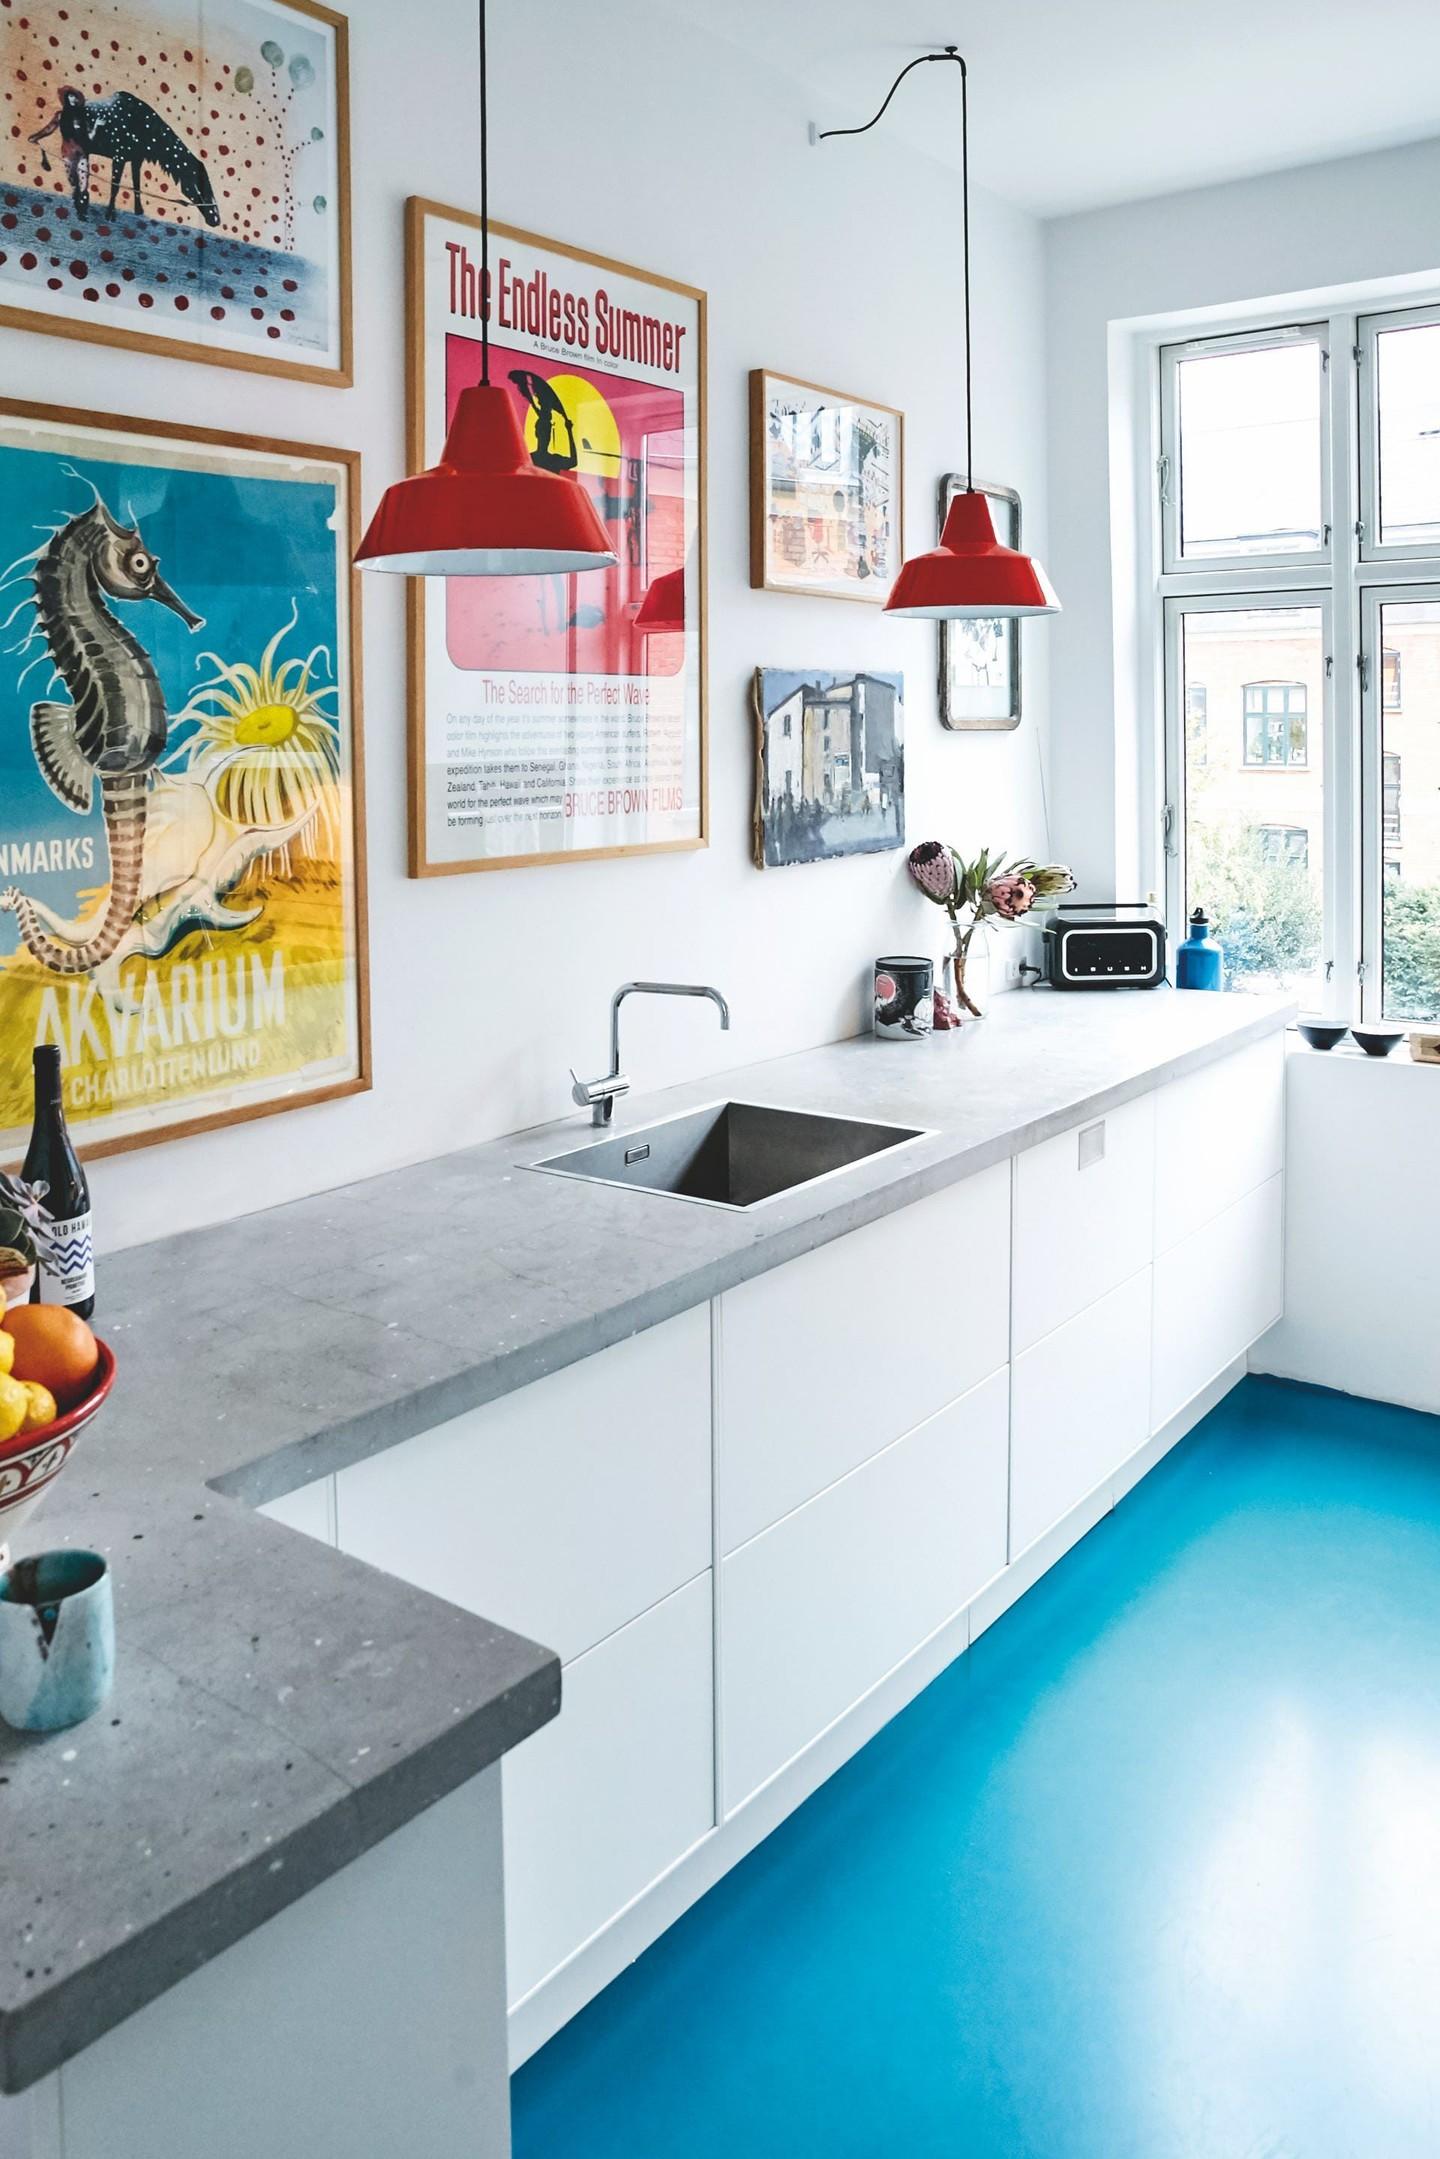 Décor do dia: piso azul e concreto na cozinha (Foto: Reprodução/Pinterest)